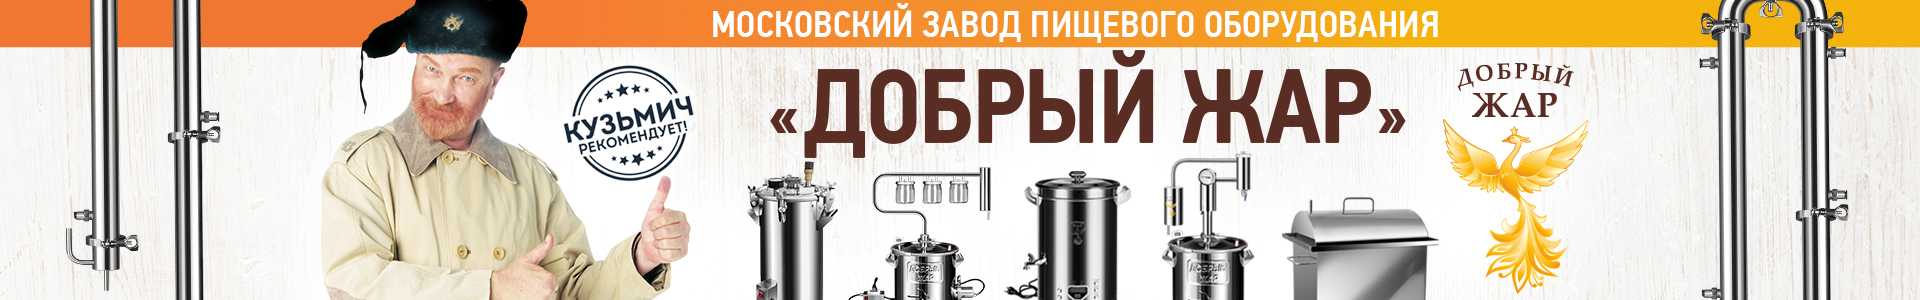 аппараты Кузьмич рекомендует